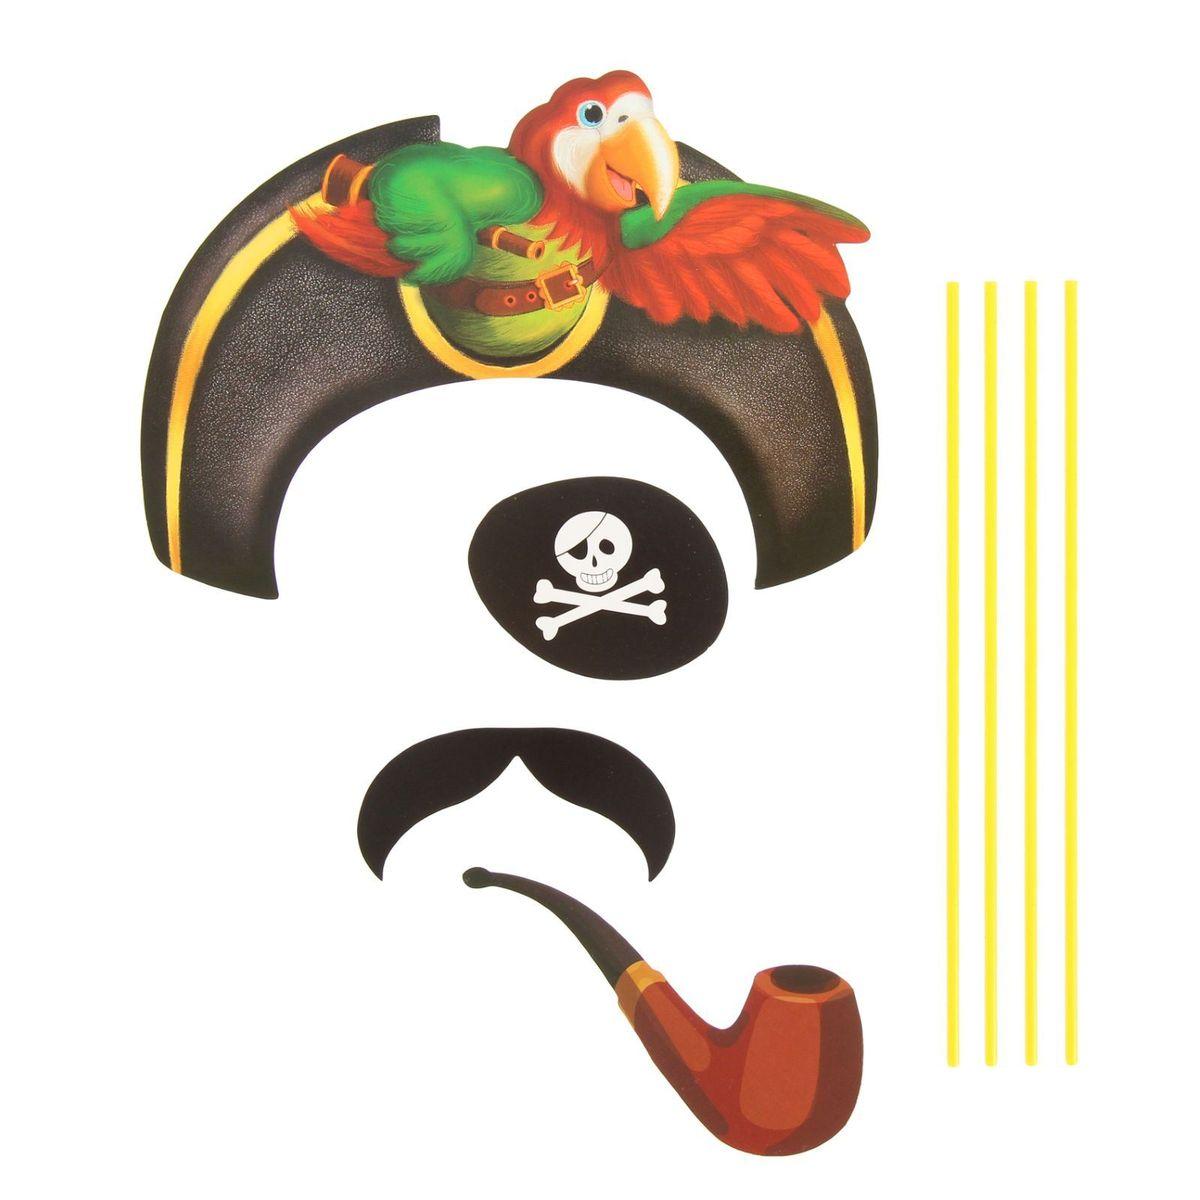 Карнавальный набор для фотосессии Страна Карнавалия  Бравый пират , 4 предмета. 1090267 -  Карнавальные костюмы и аксессуары